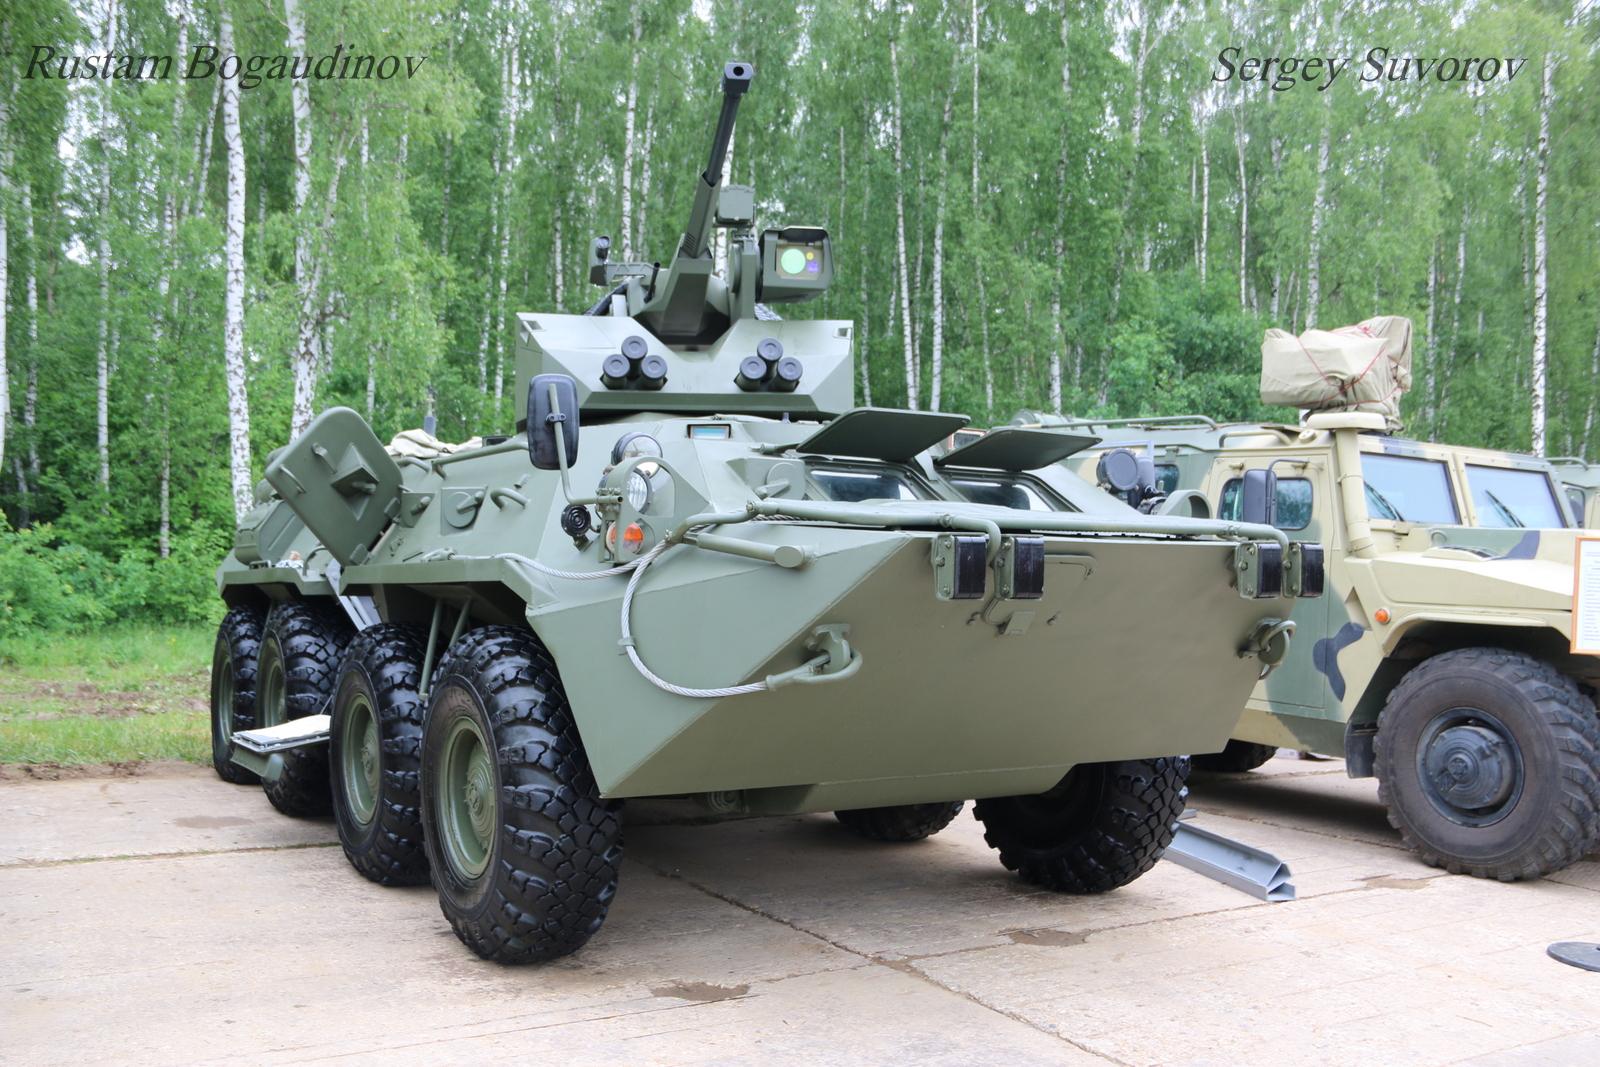 Novas torres automáticas para os veículos BTR-82А1